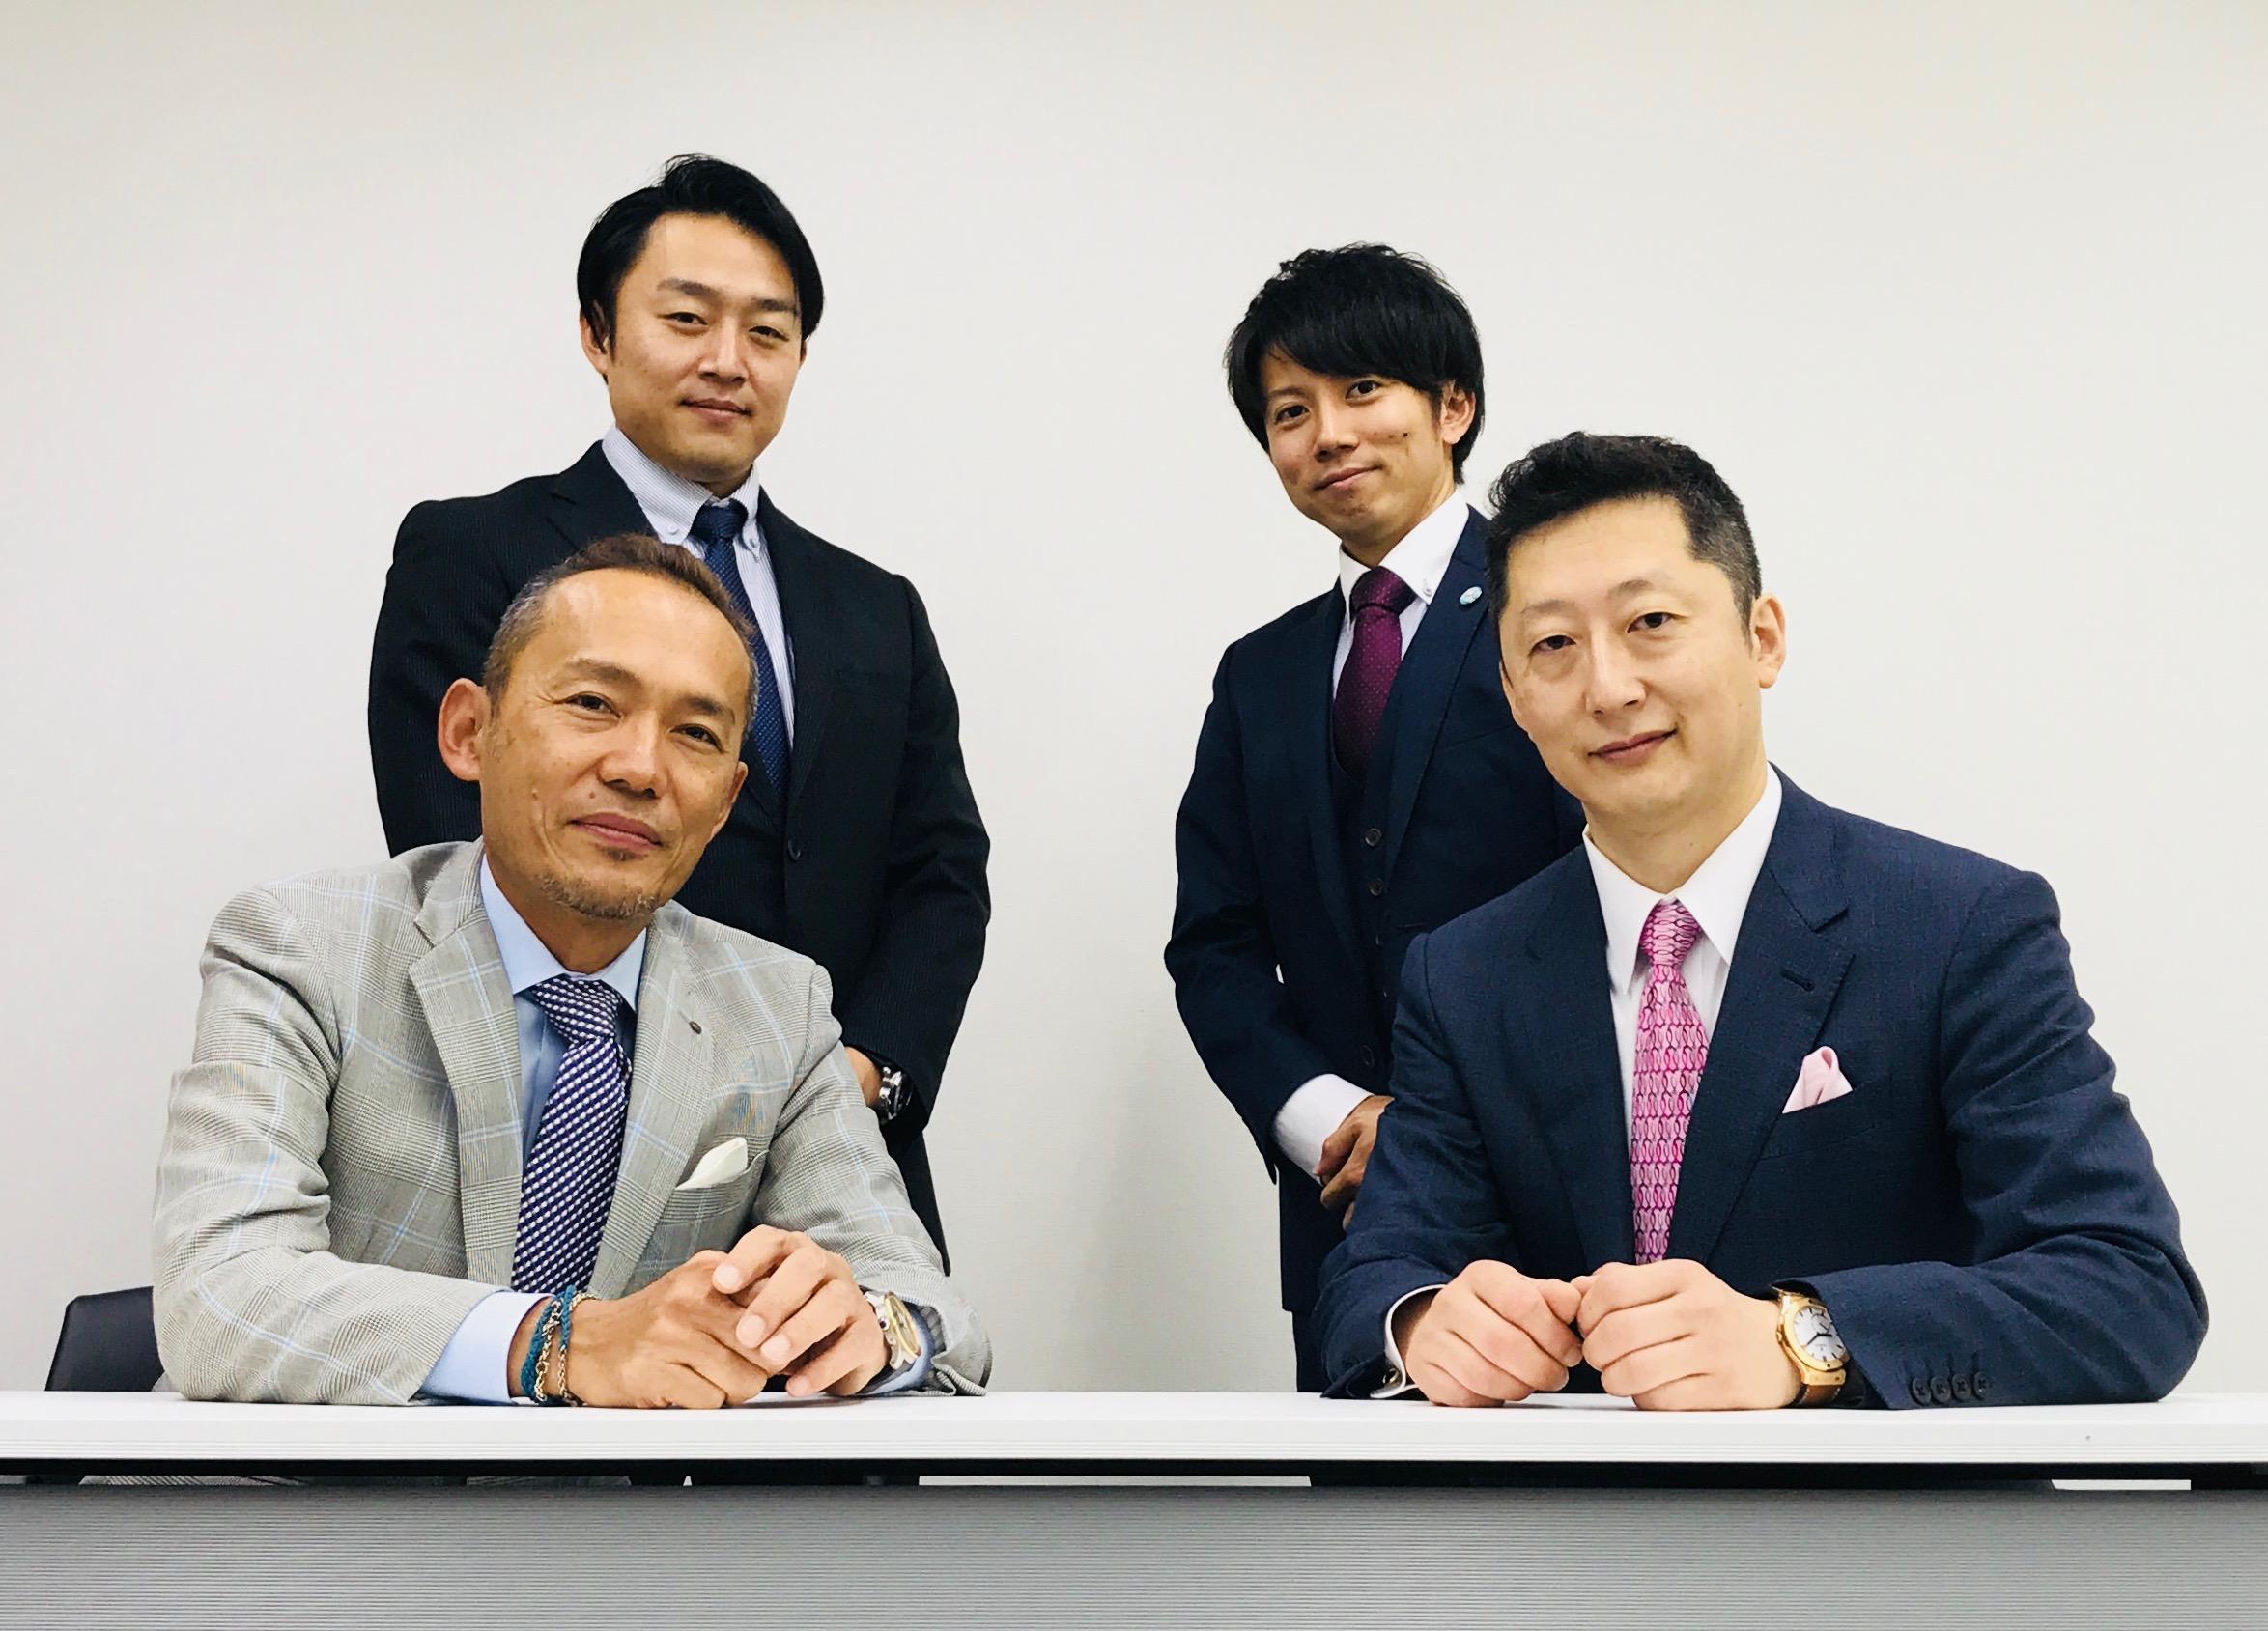 2018.5.20キョタシン東京①.JPG